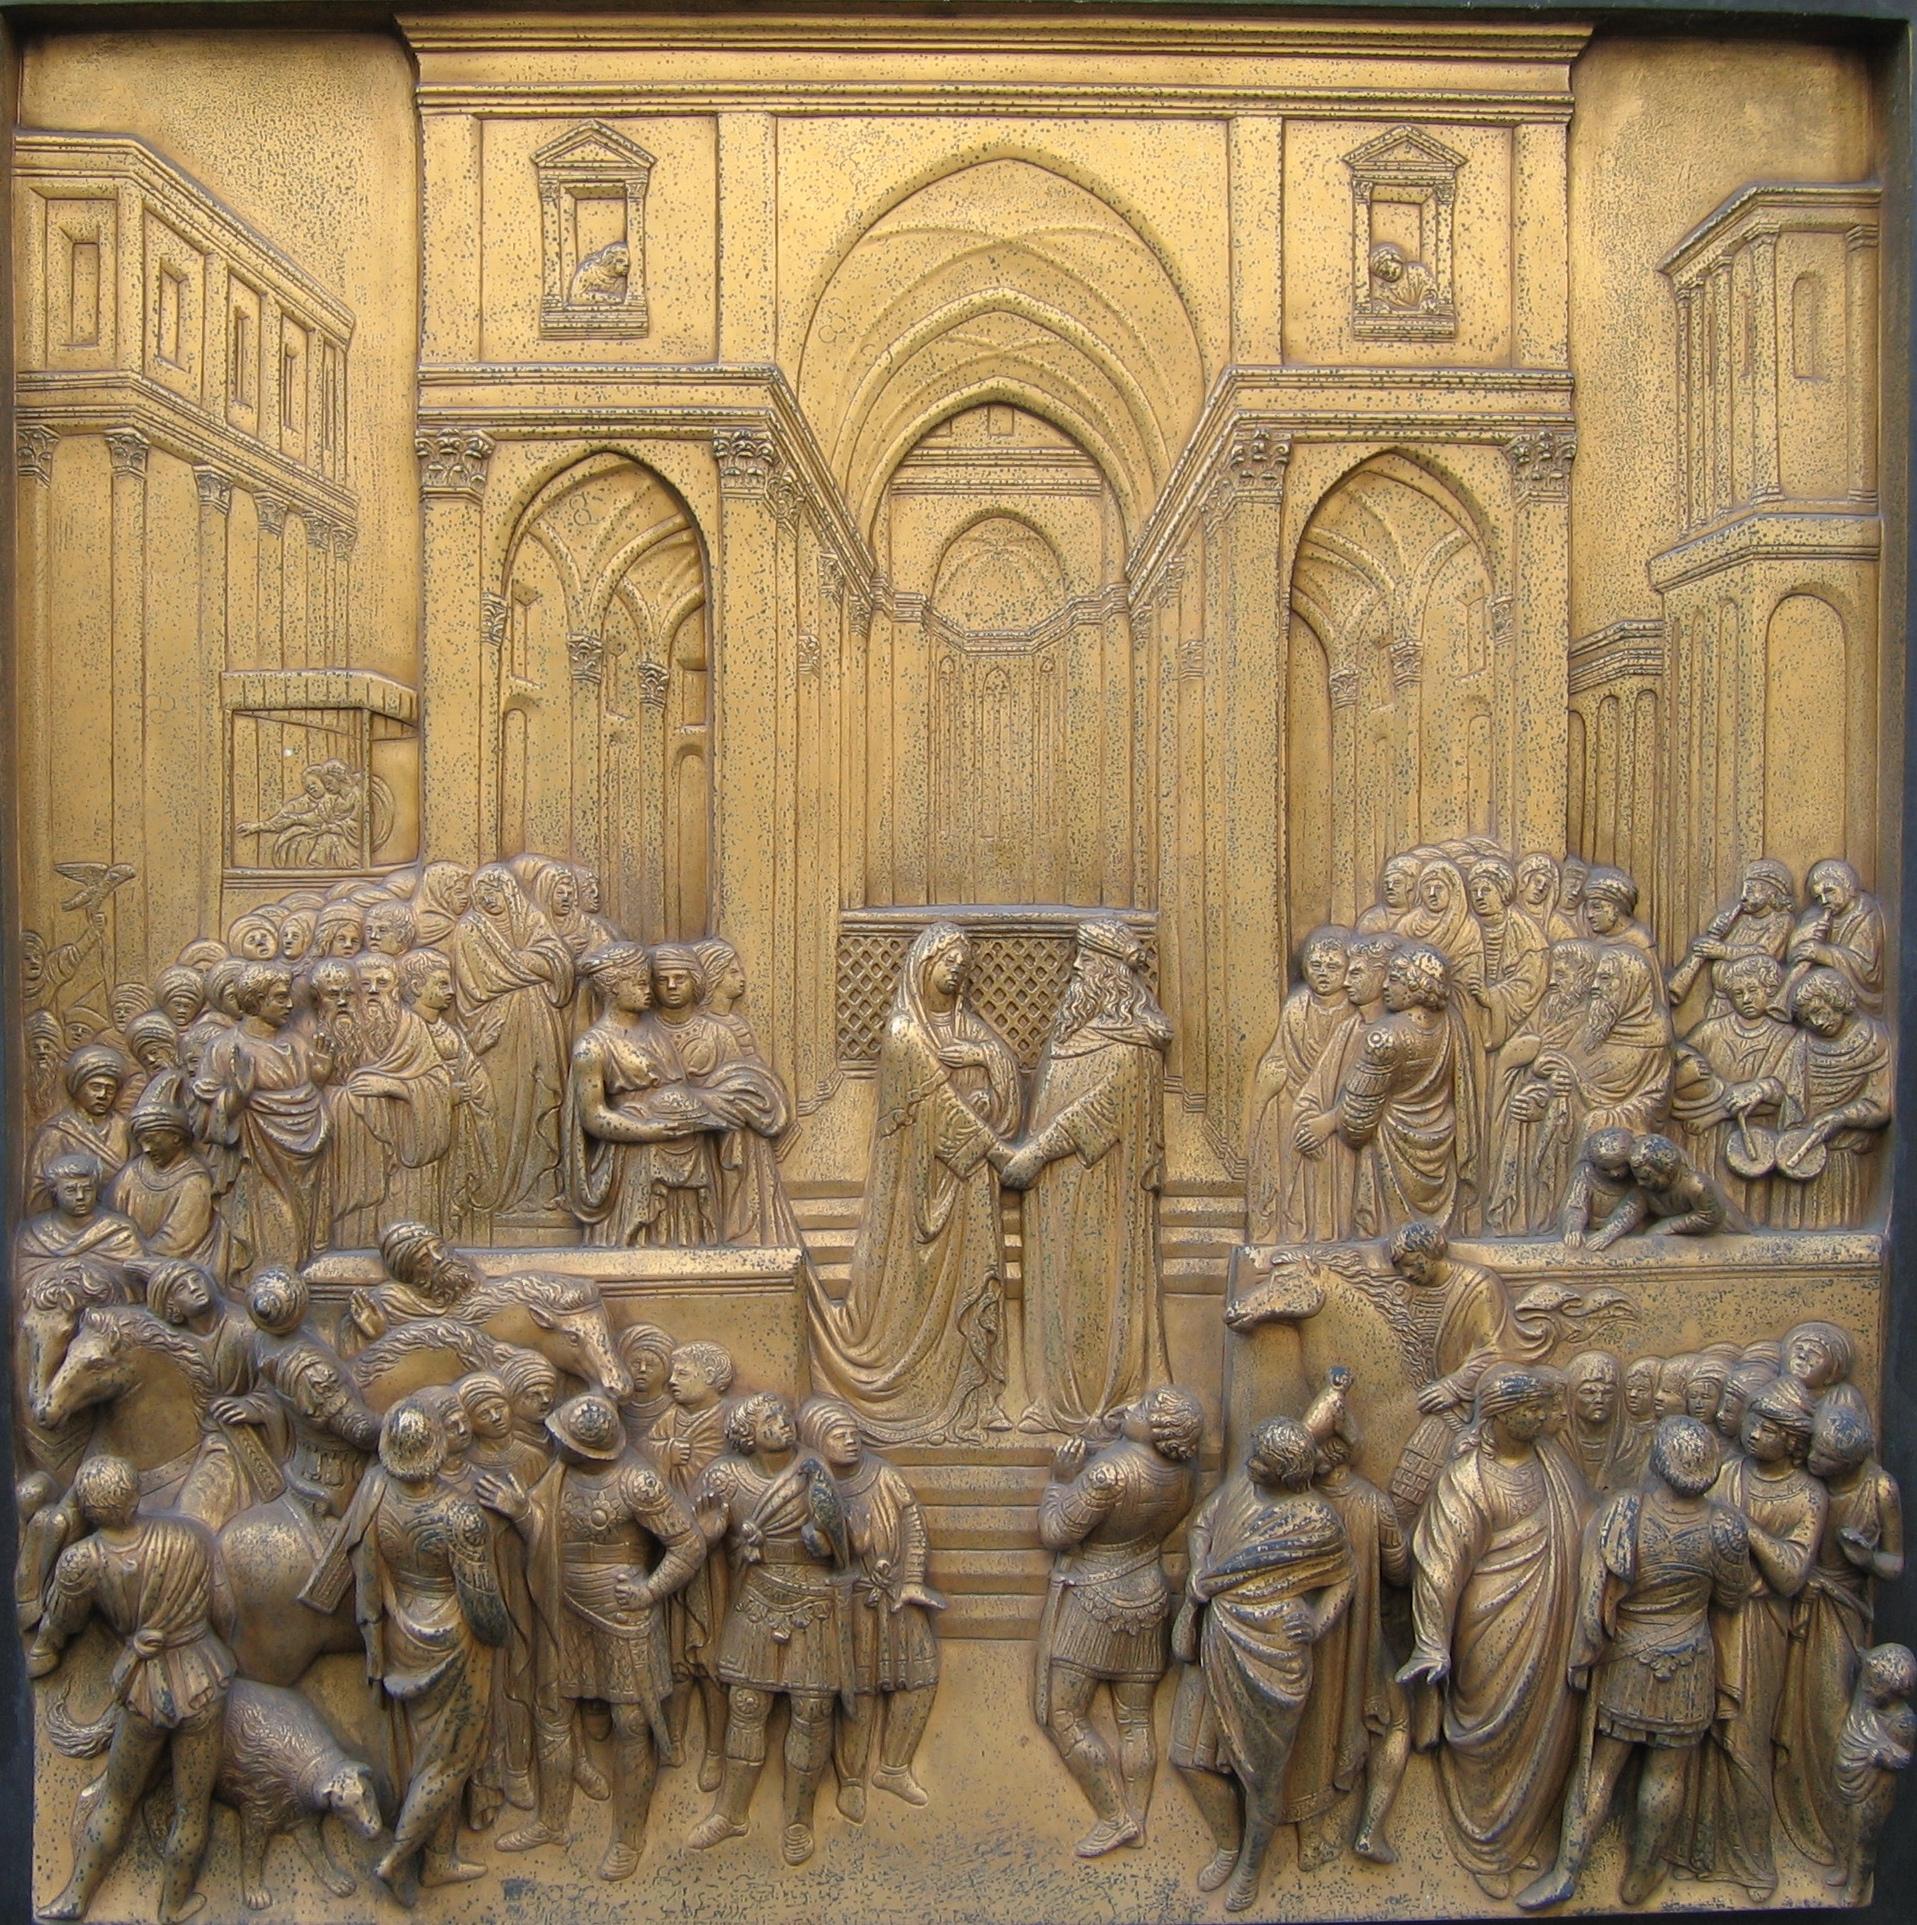 Abisynia (dzisiejsza Etiopia) była dla średniowiecznych trudna do zlokalizowania. Uważali, że tam właśnie mieściło się królestwo Saby, kochanki króla Salomona. Na zdjęciu przedstawienie Saby i Salomona z Florencji.